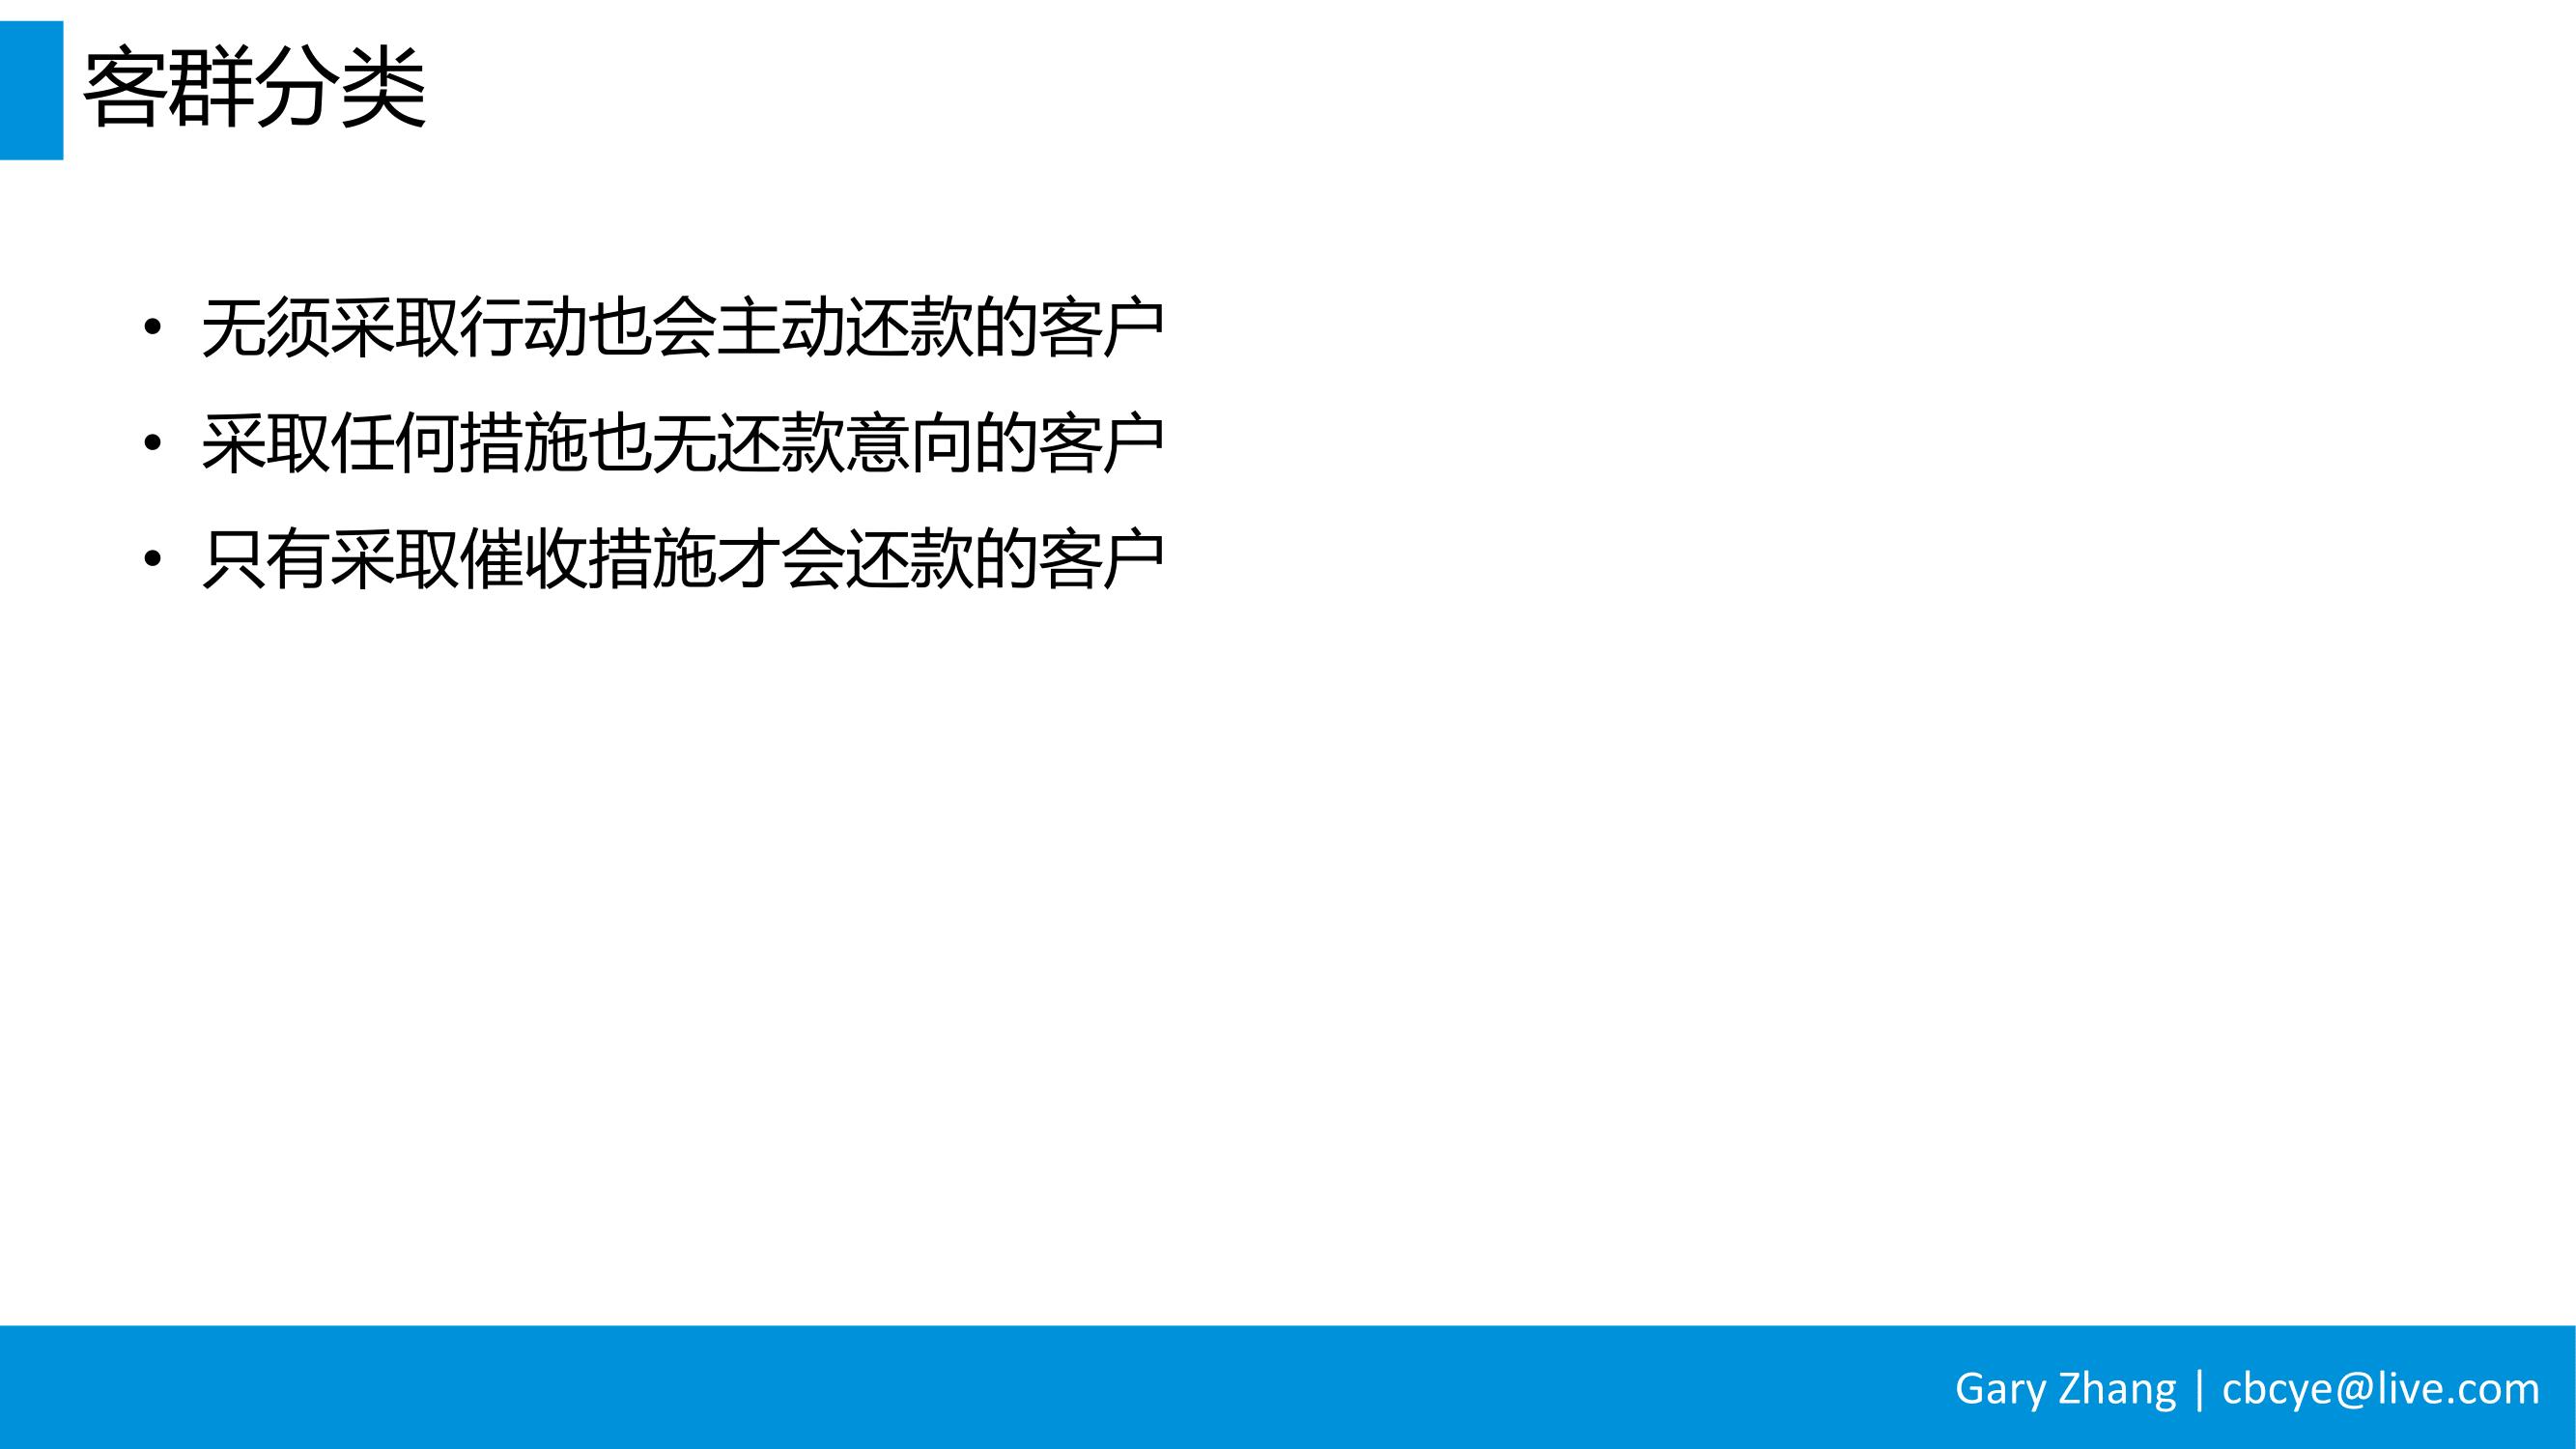 消费金融业务全流程指南_v1.0-055